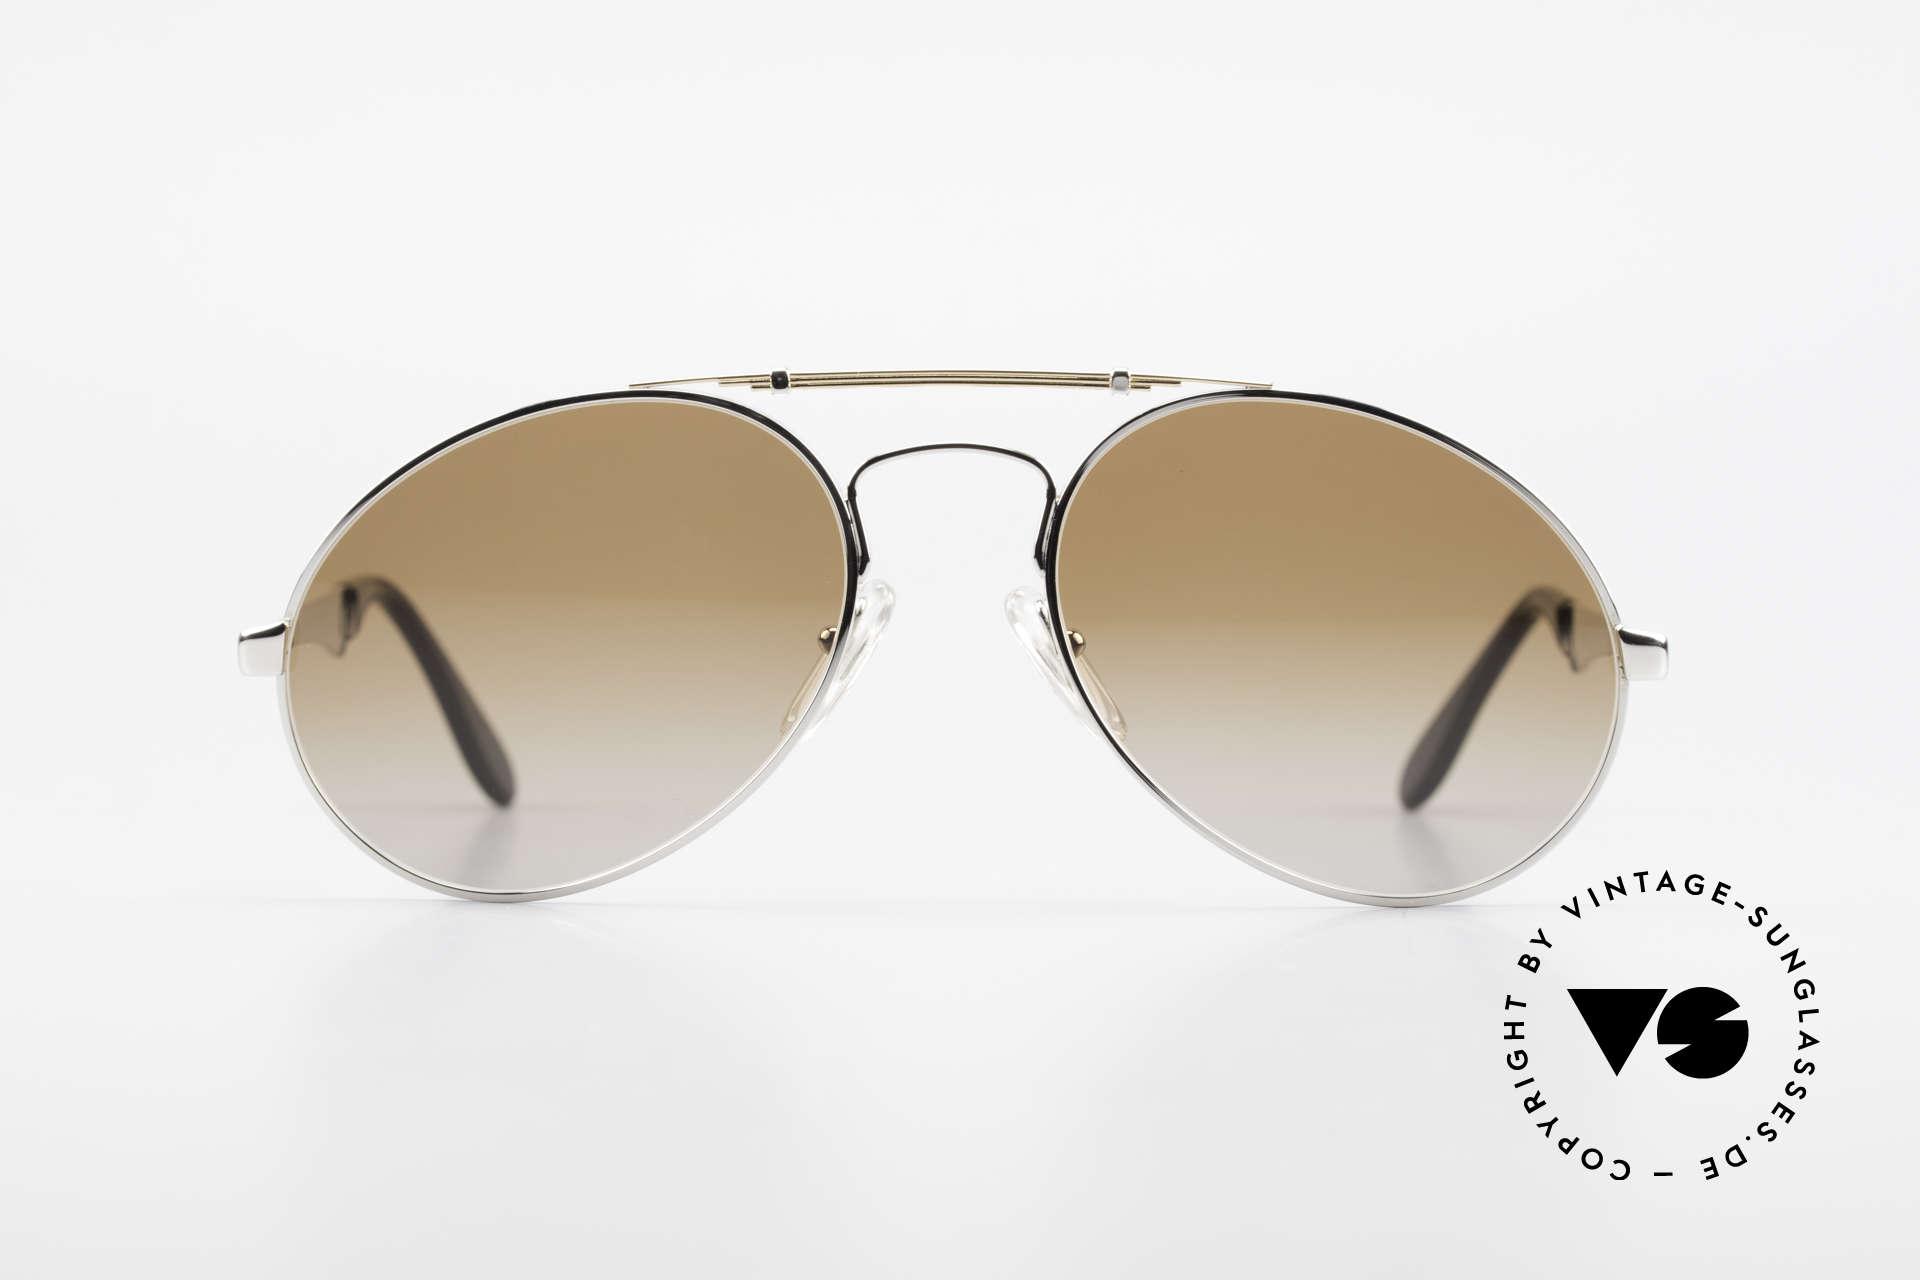 Bugatti 11909 80er Luxus Sonnenbrille Herren, der Bugatti-KLASSIKER in perfekter Vollendung, Passend für Herren